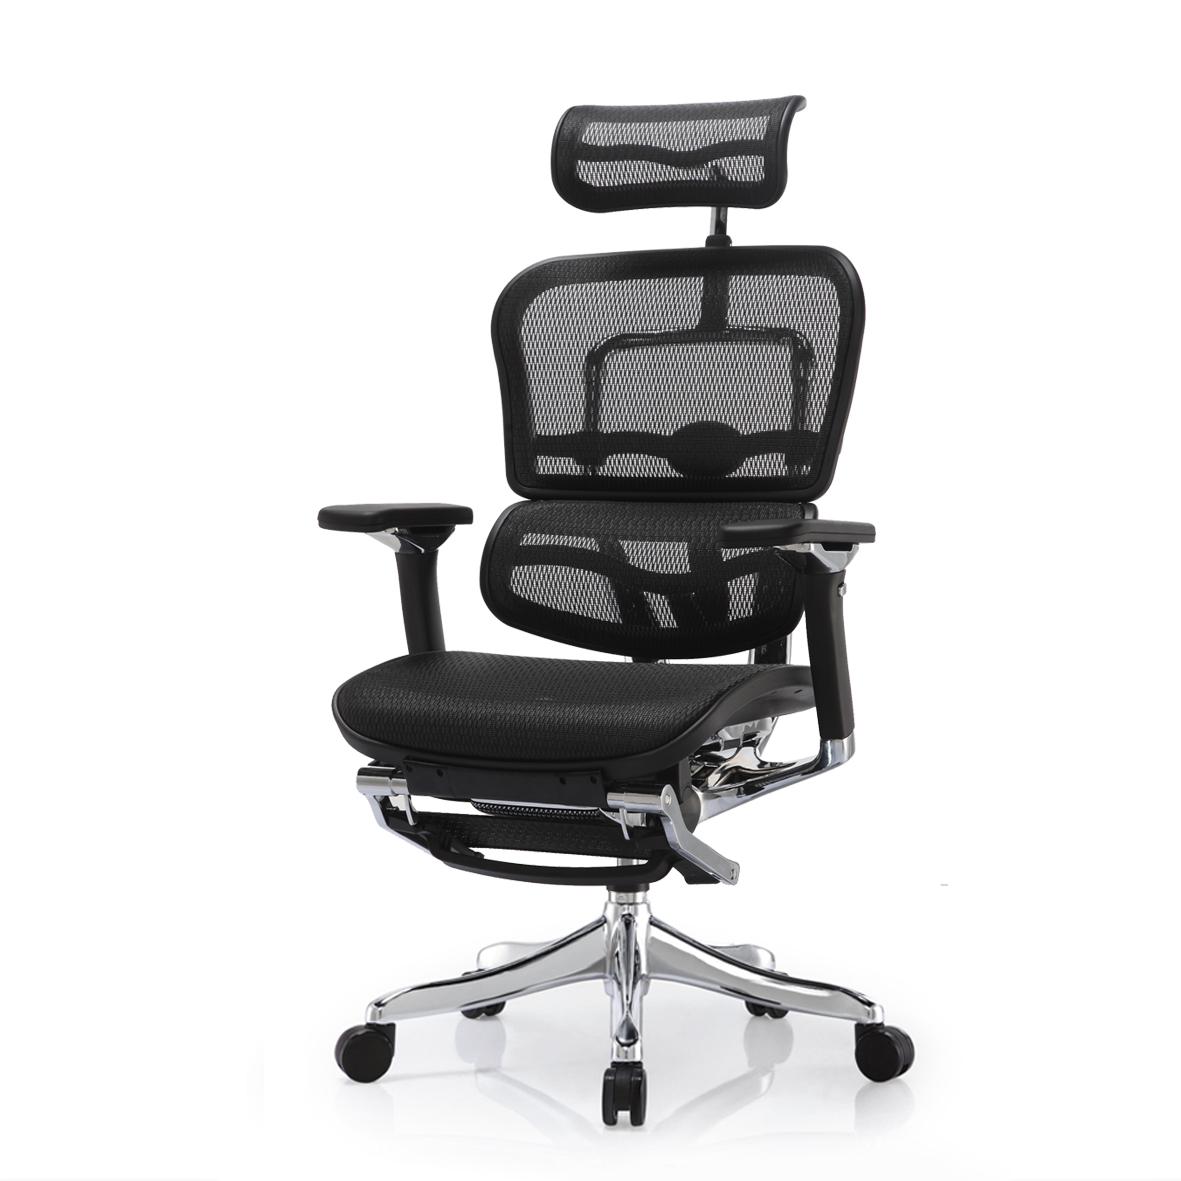 Ergohuman Elite V2 Office Chair